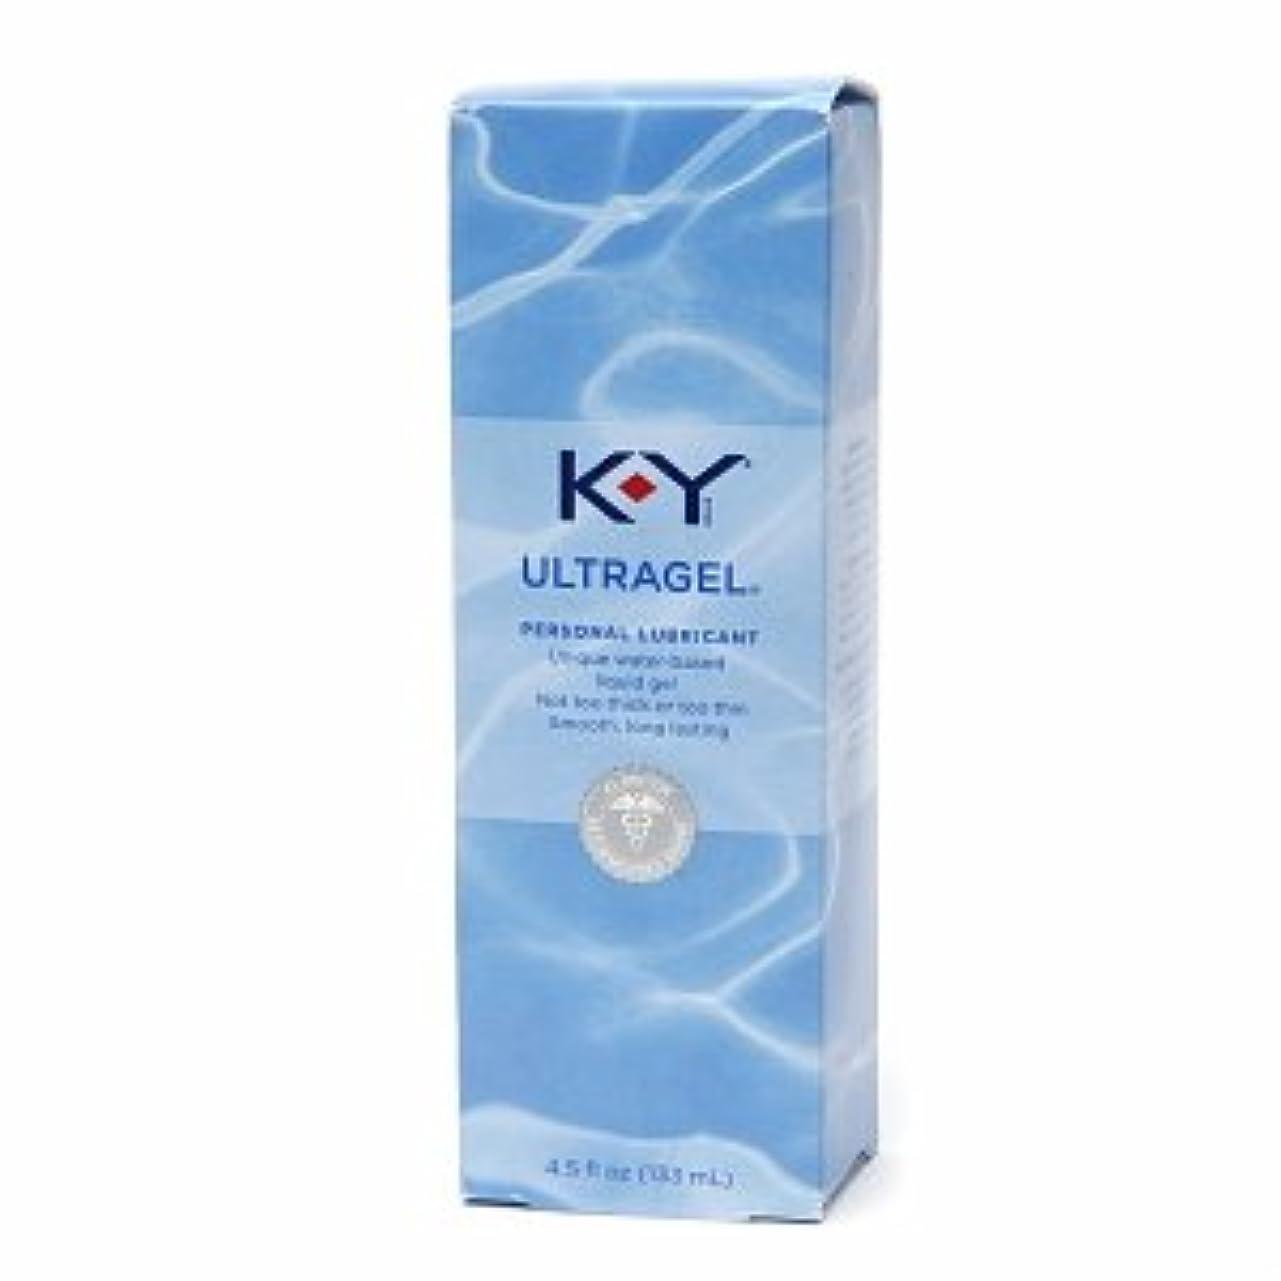 荒廃する描く流暢074 不感症で濡れにくい方へ【高級潤滑剤 KYゼリー】 水溶性の潤滑ジェル42g 海外直送品